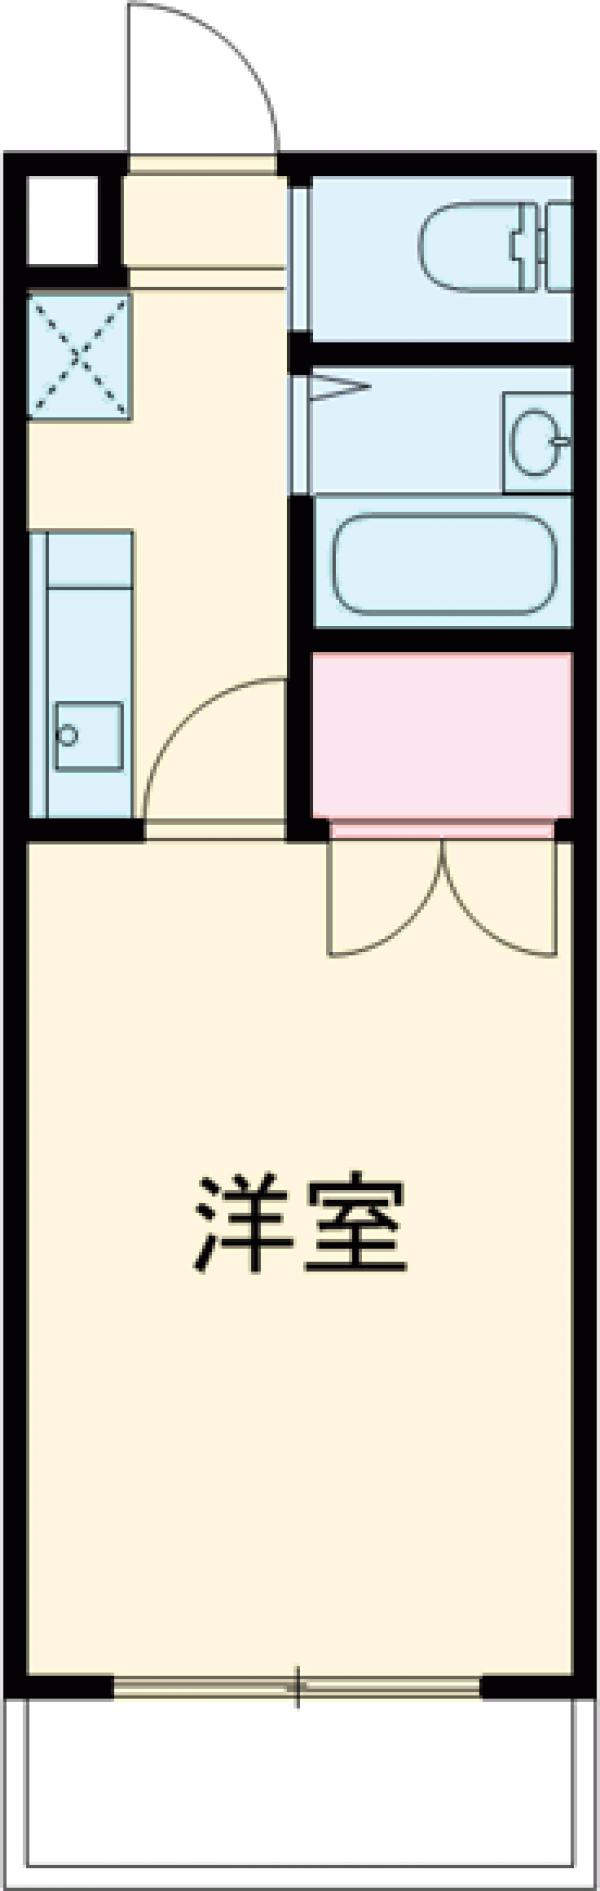 ラベンダー仙川・408号室の間取り